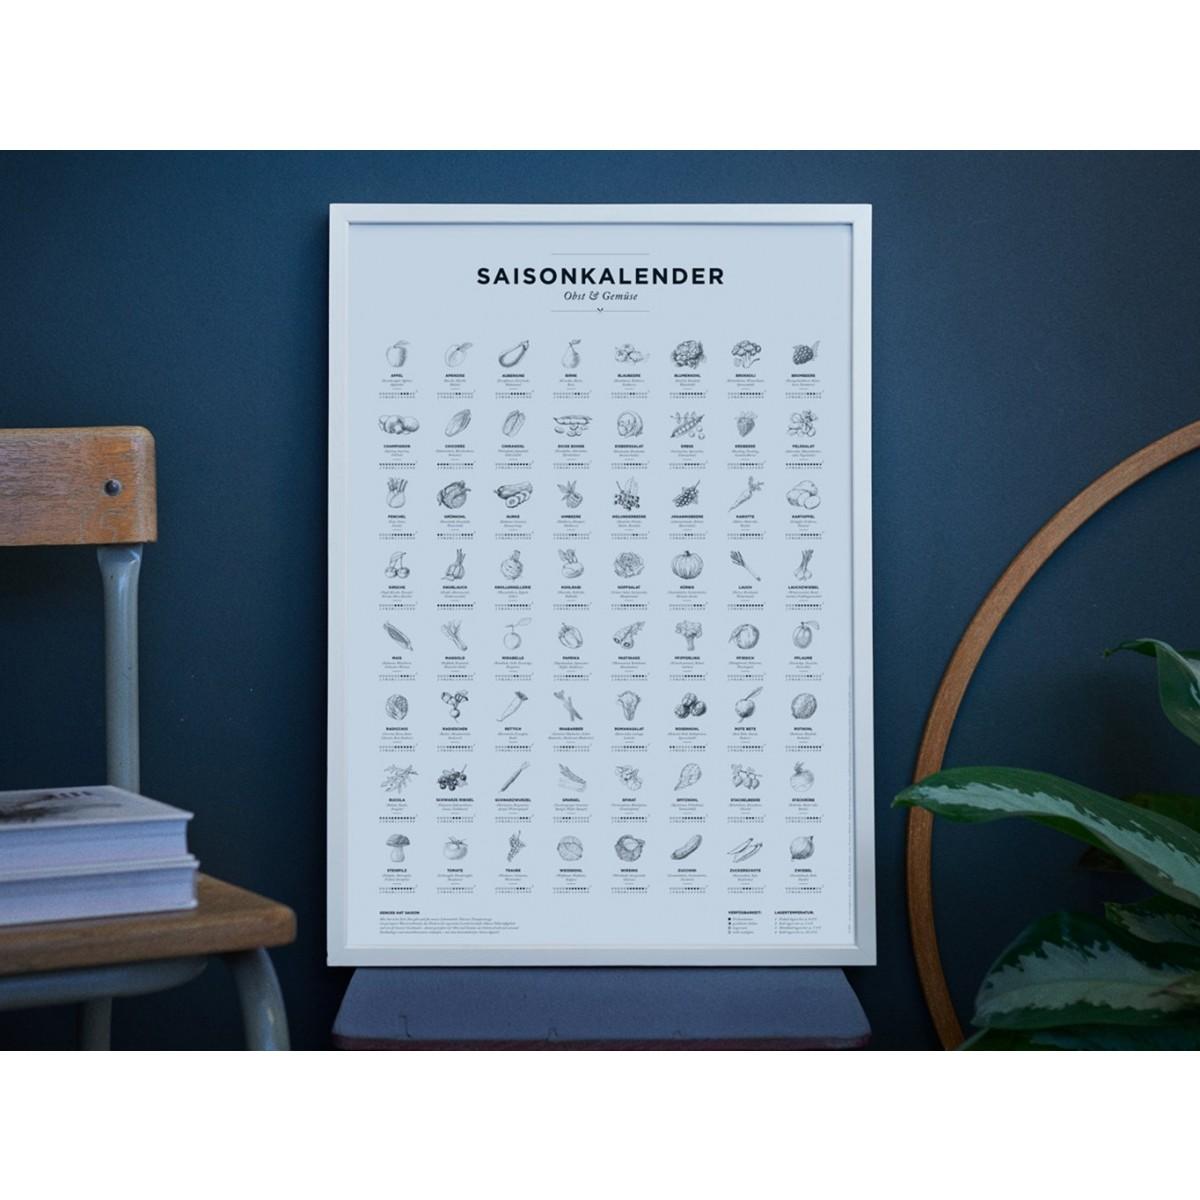 Saisonkalender Obst & Gemüse, Poster/Plakat in Schwarz-Weiß von Kupferstecher.Art